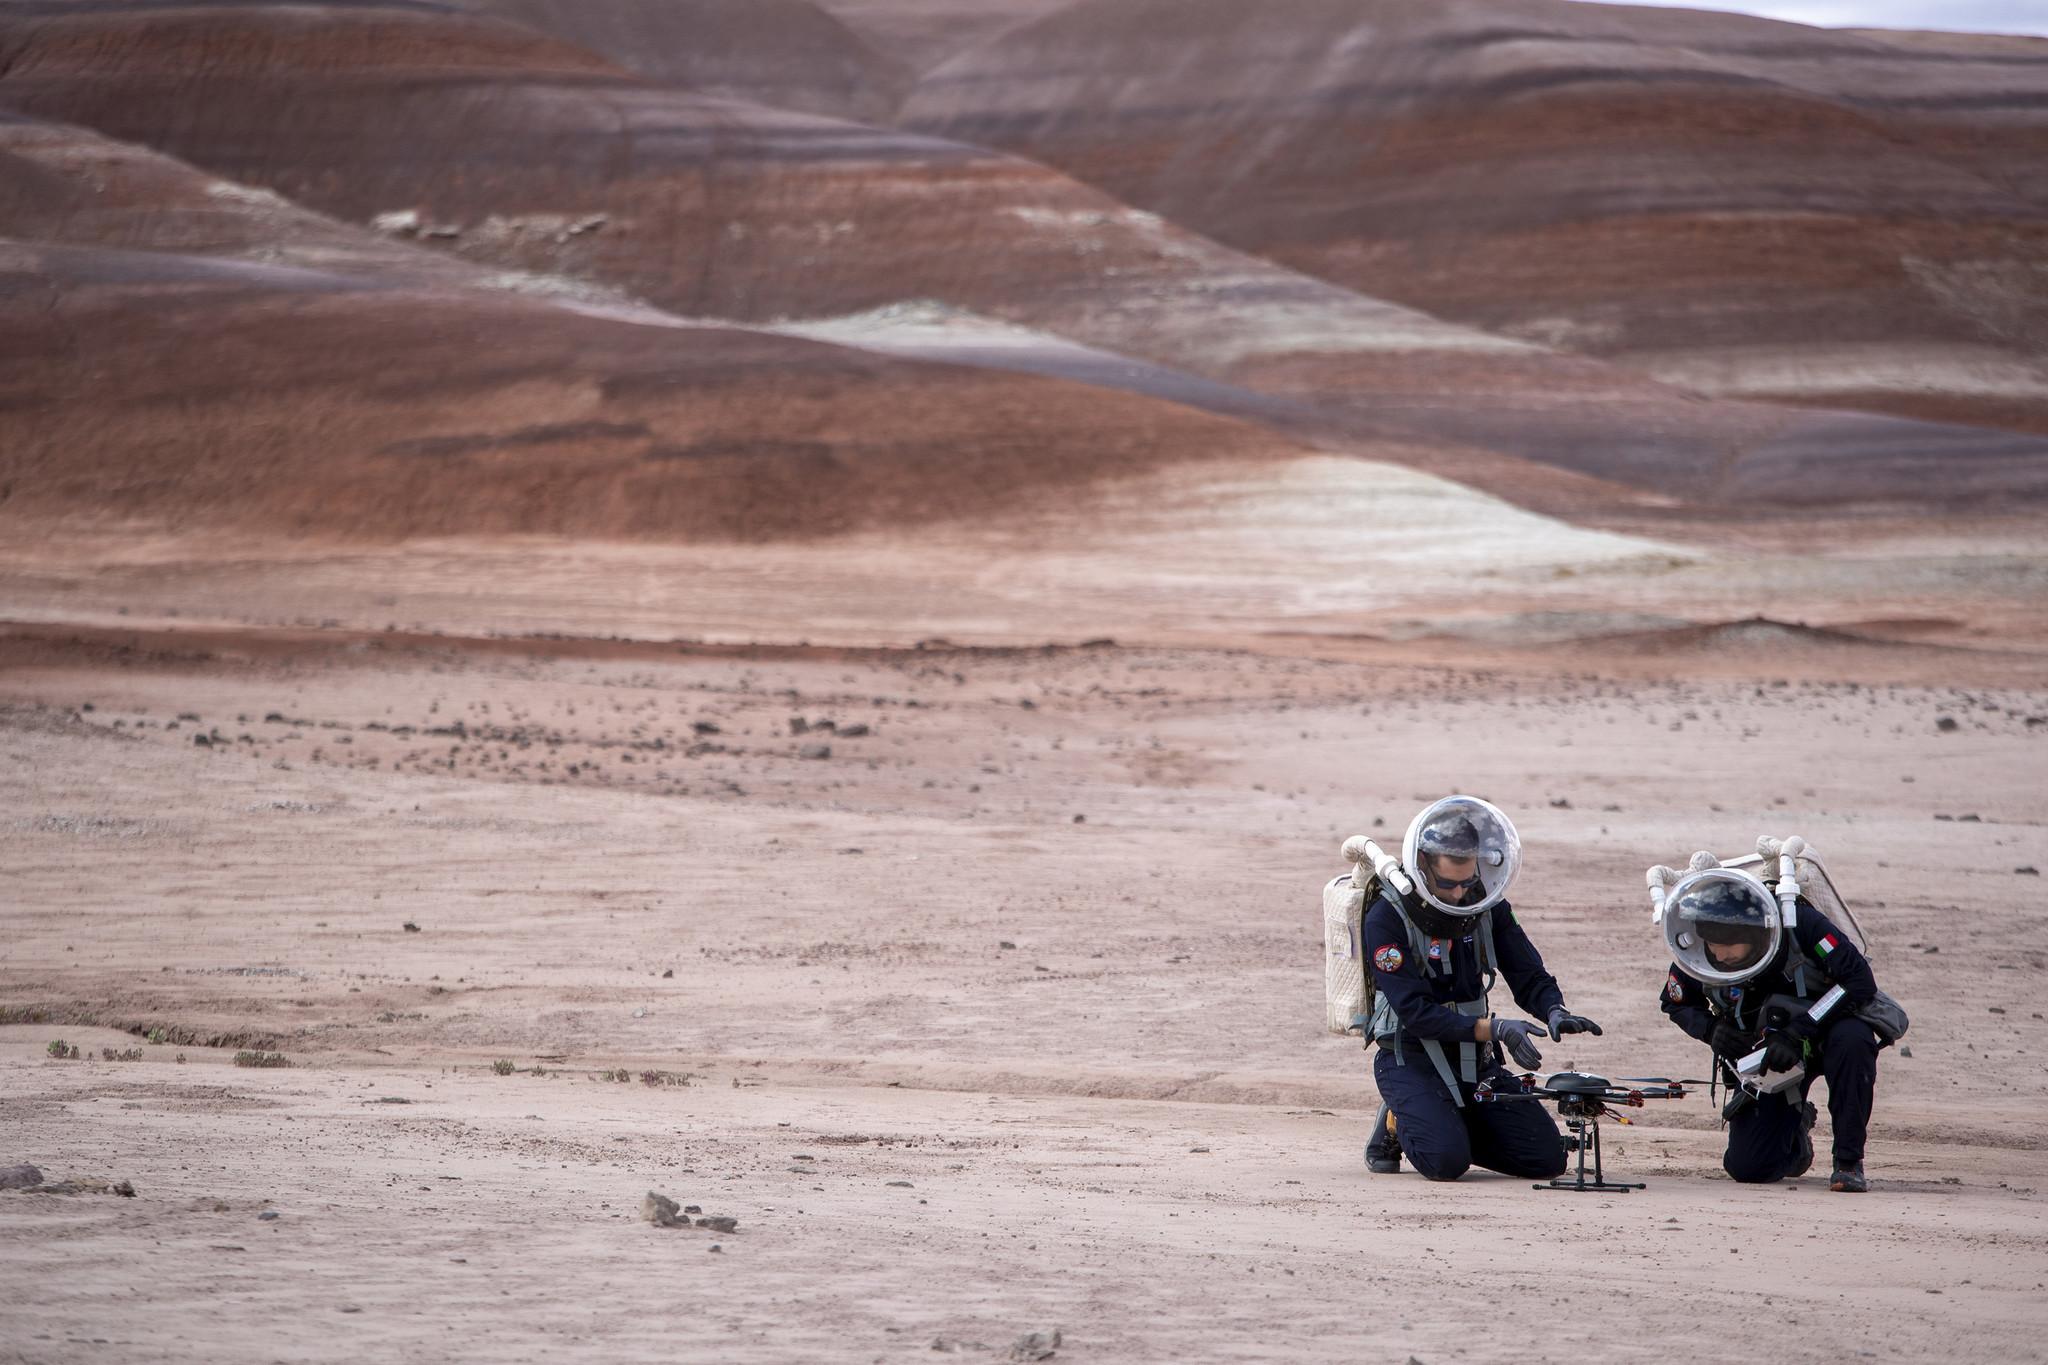 Mars 2033 görevi Utah deneme alanı